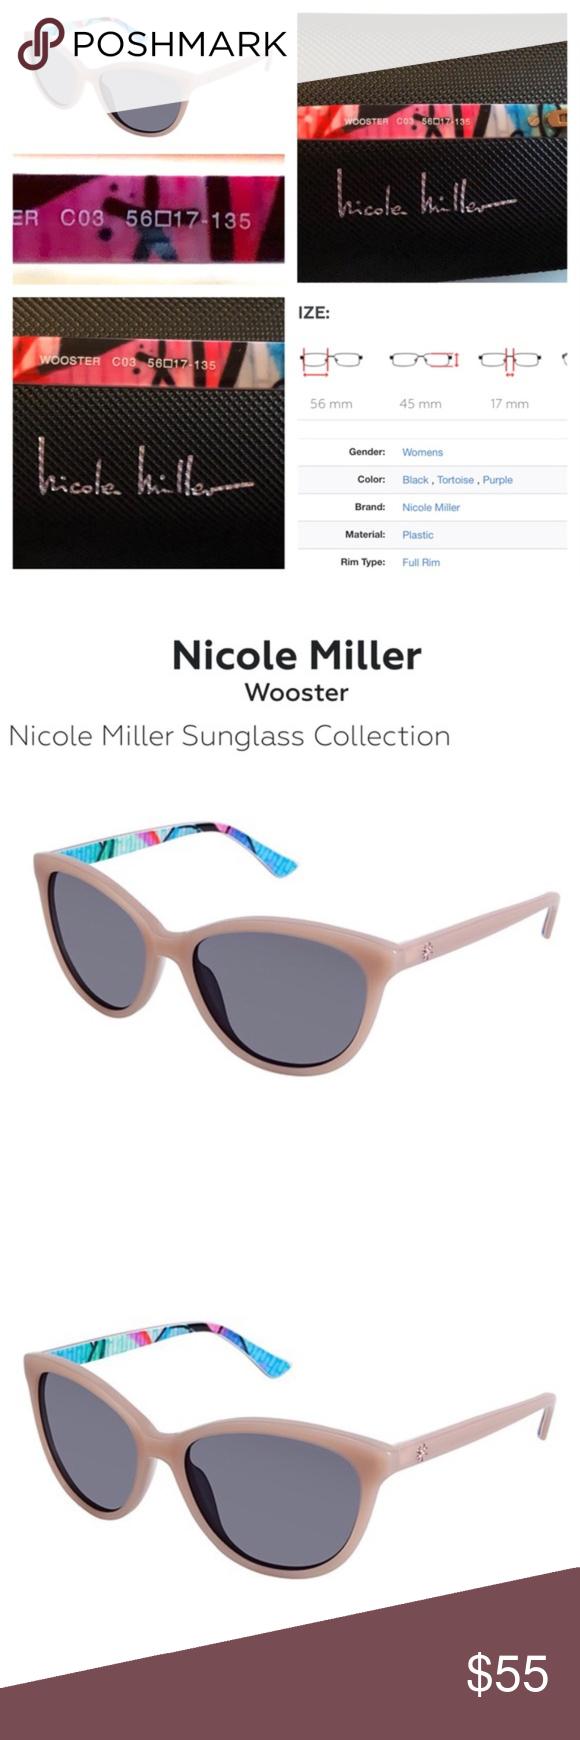 1d08e425f39b3 Nicole Miller Wooster Semi Cat Eye Sunglasses The Nicole Miller Wooster is  a superb Sunglasses Fully